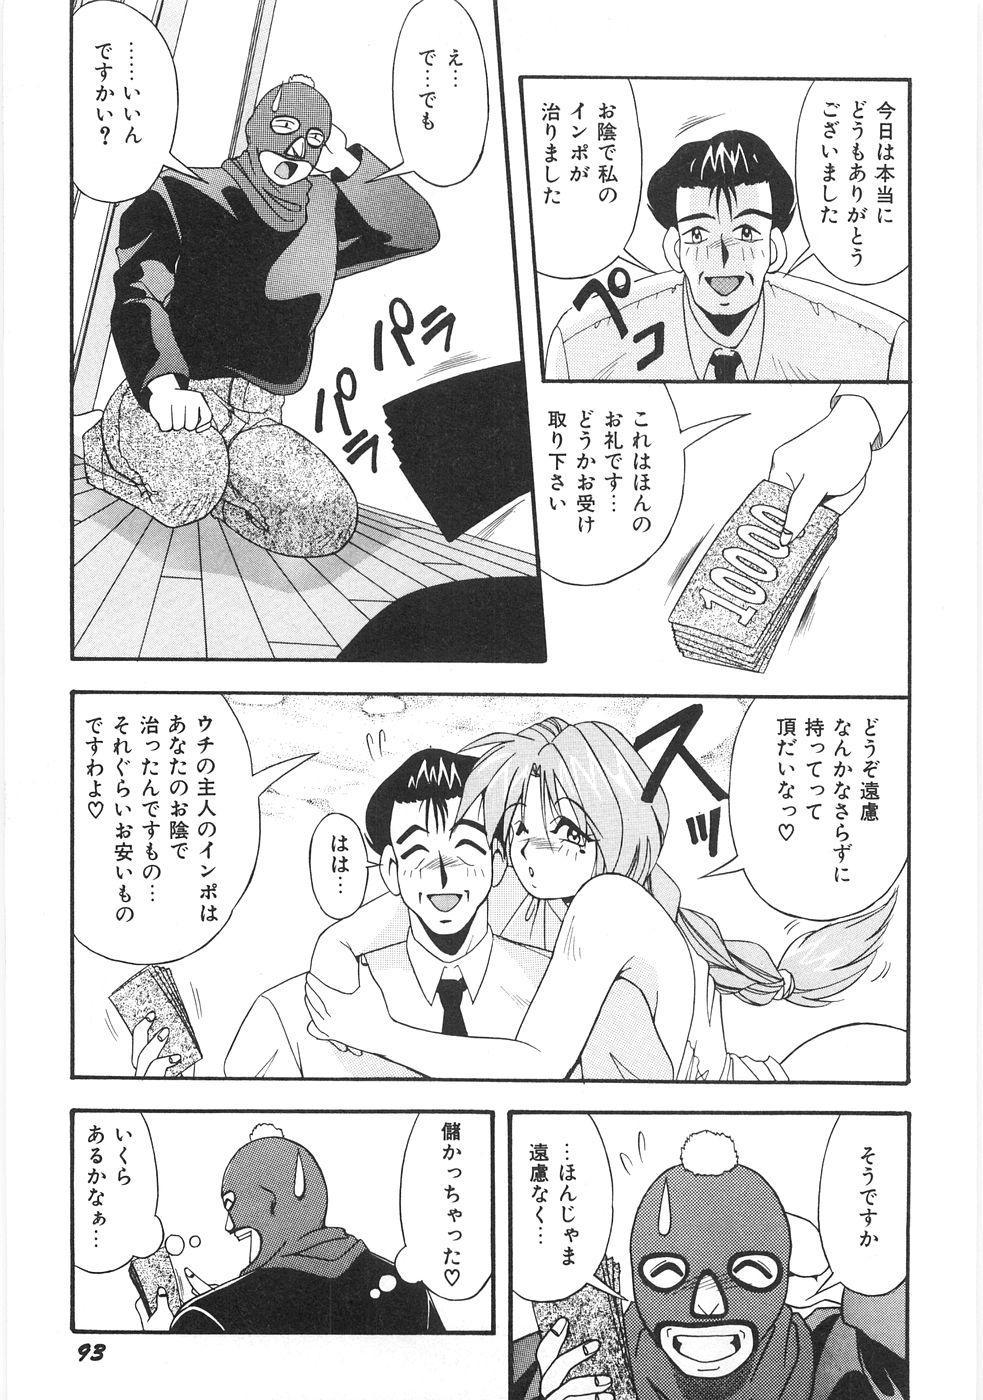 Seifuku Zukan Tenshi no Mitsugi 98